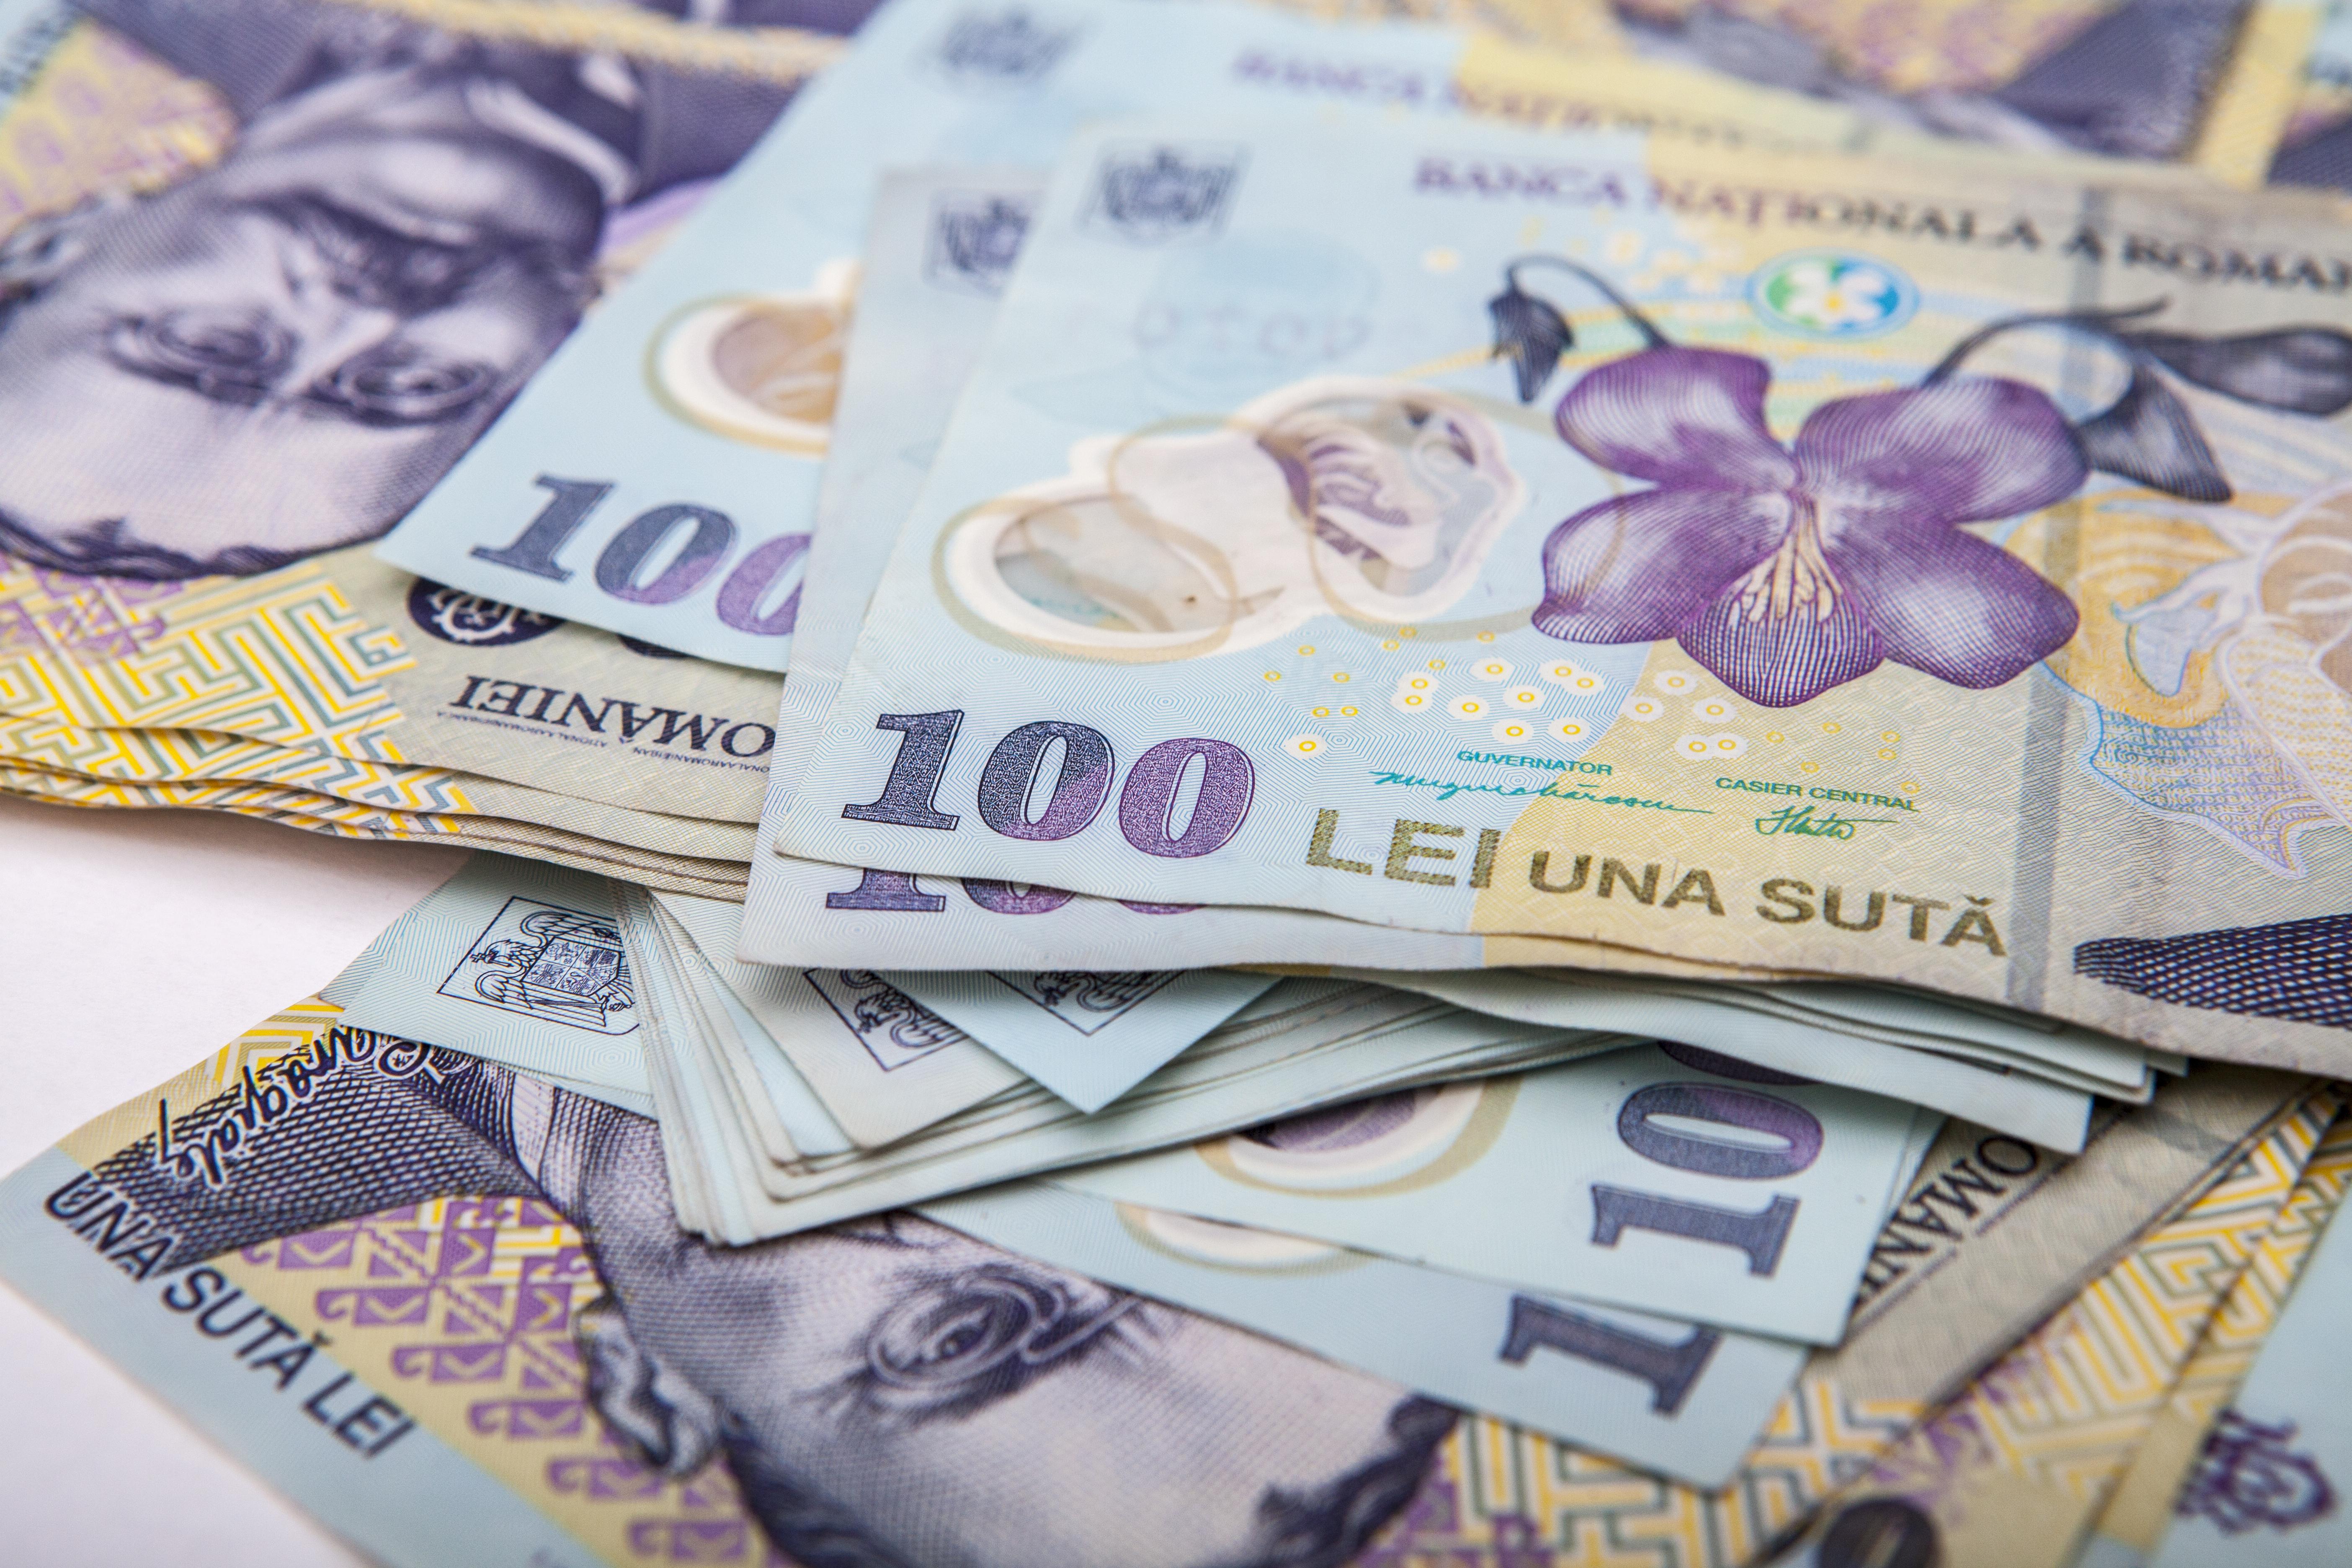 USR cere Curţii de Conturi şi Consiliului Concurenţei sa verifice cum a dat bani Primaria Capitalei companiilor municipale